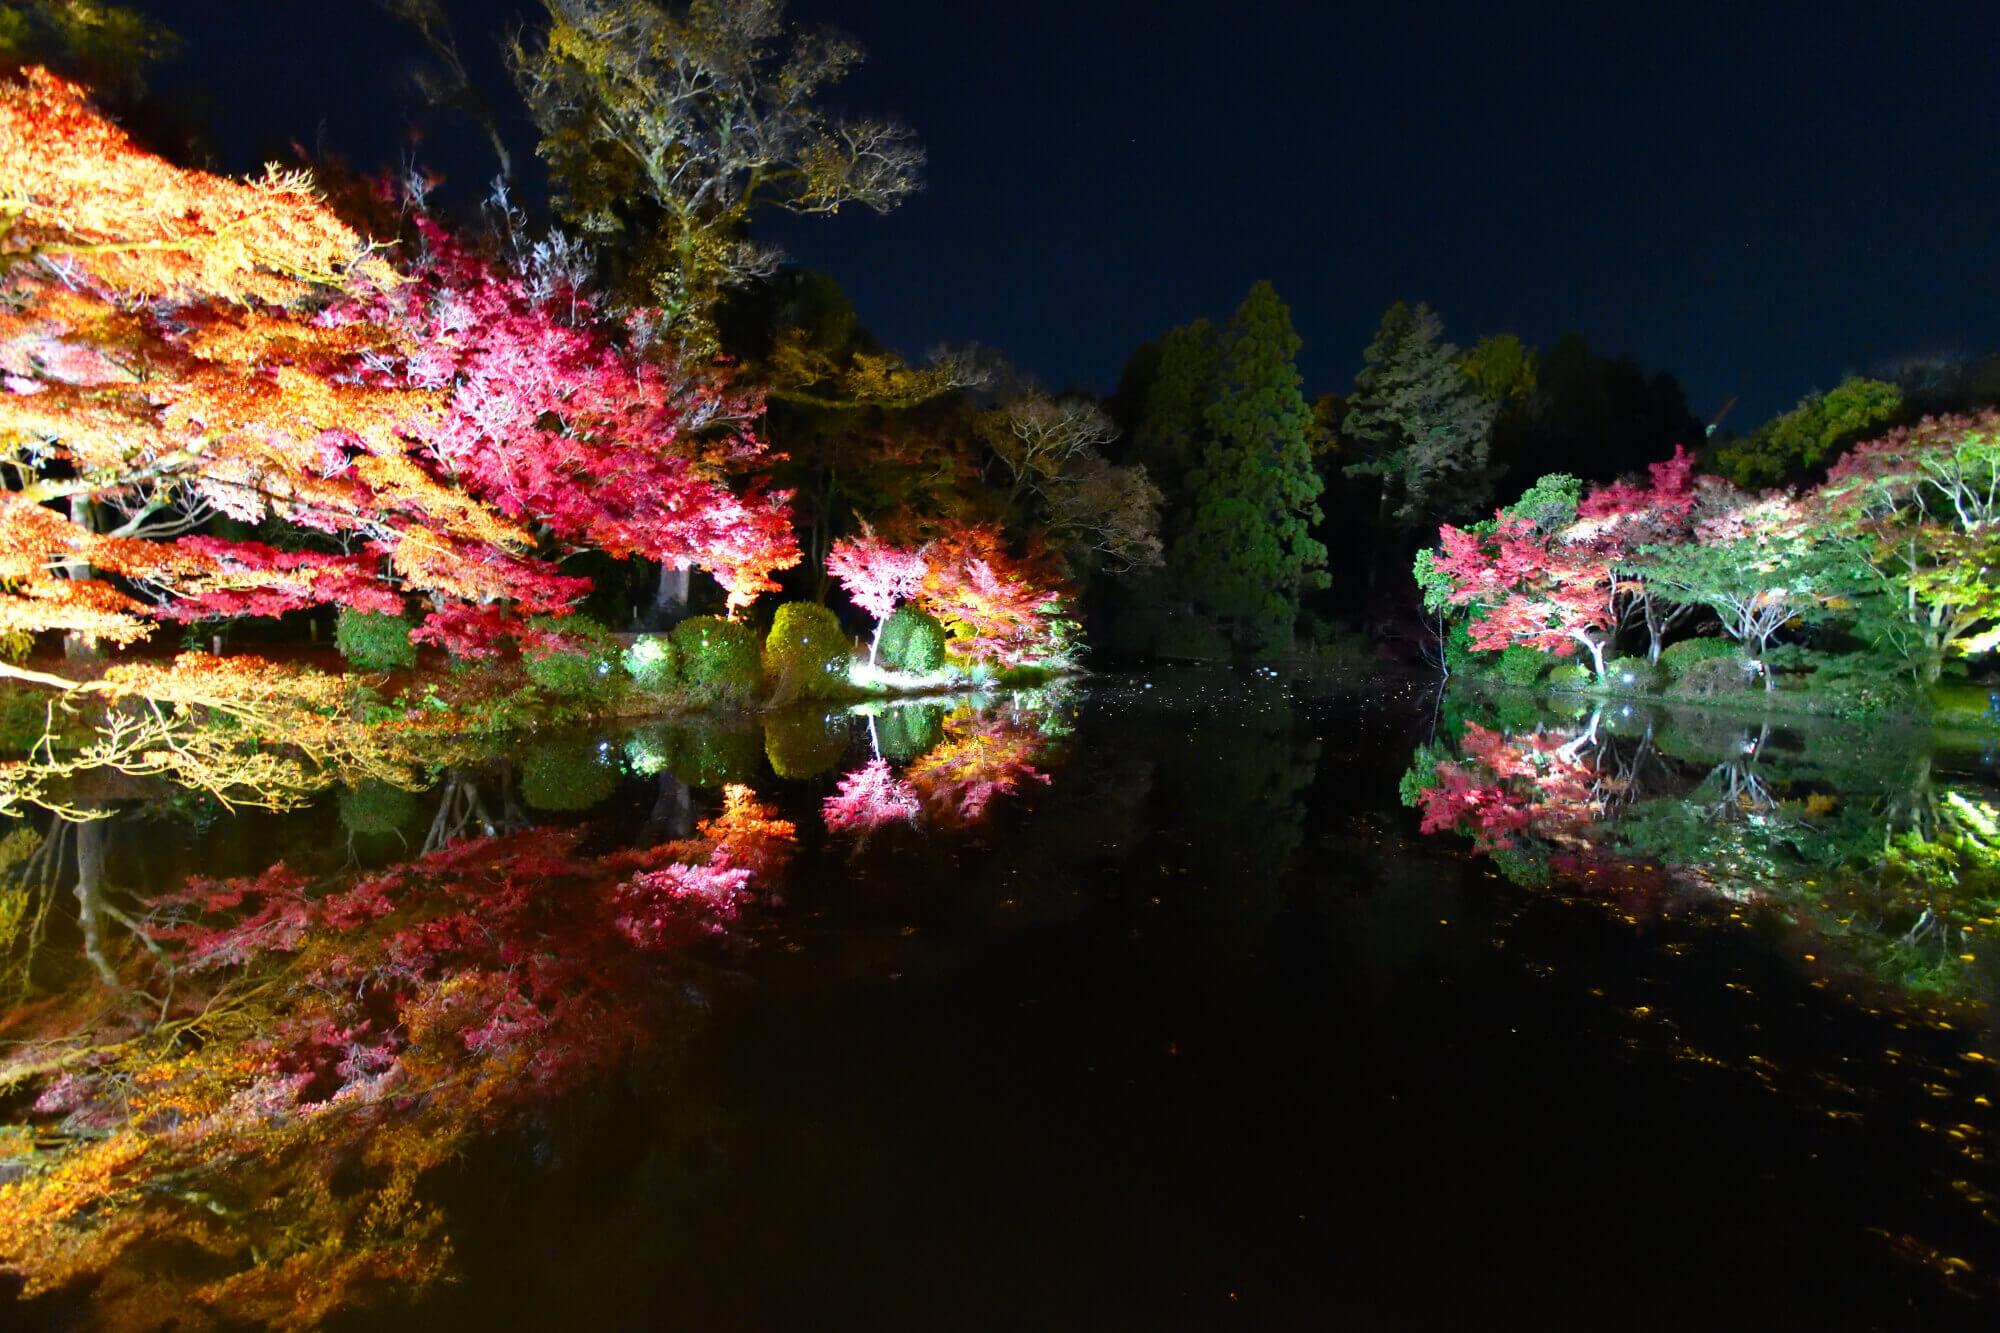 京都府立植物園「世界の紅葉ライトアップ」のリフレクション